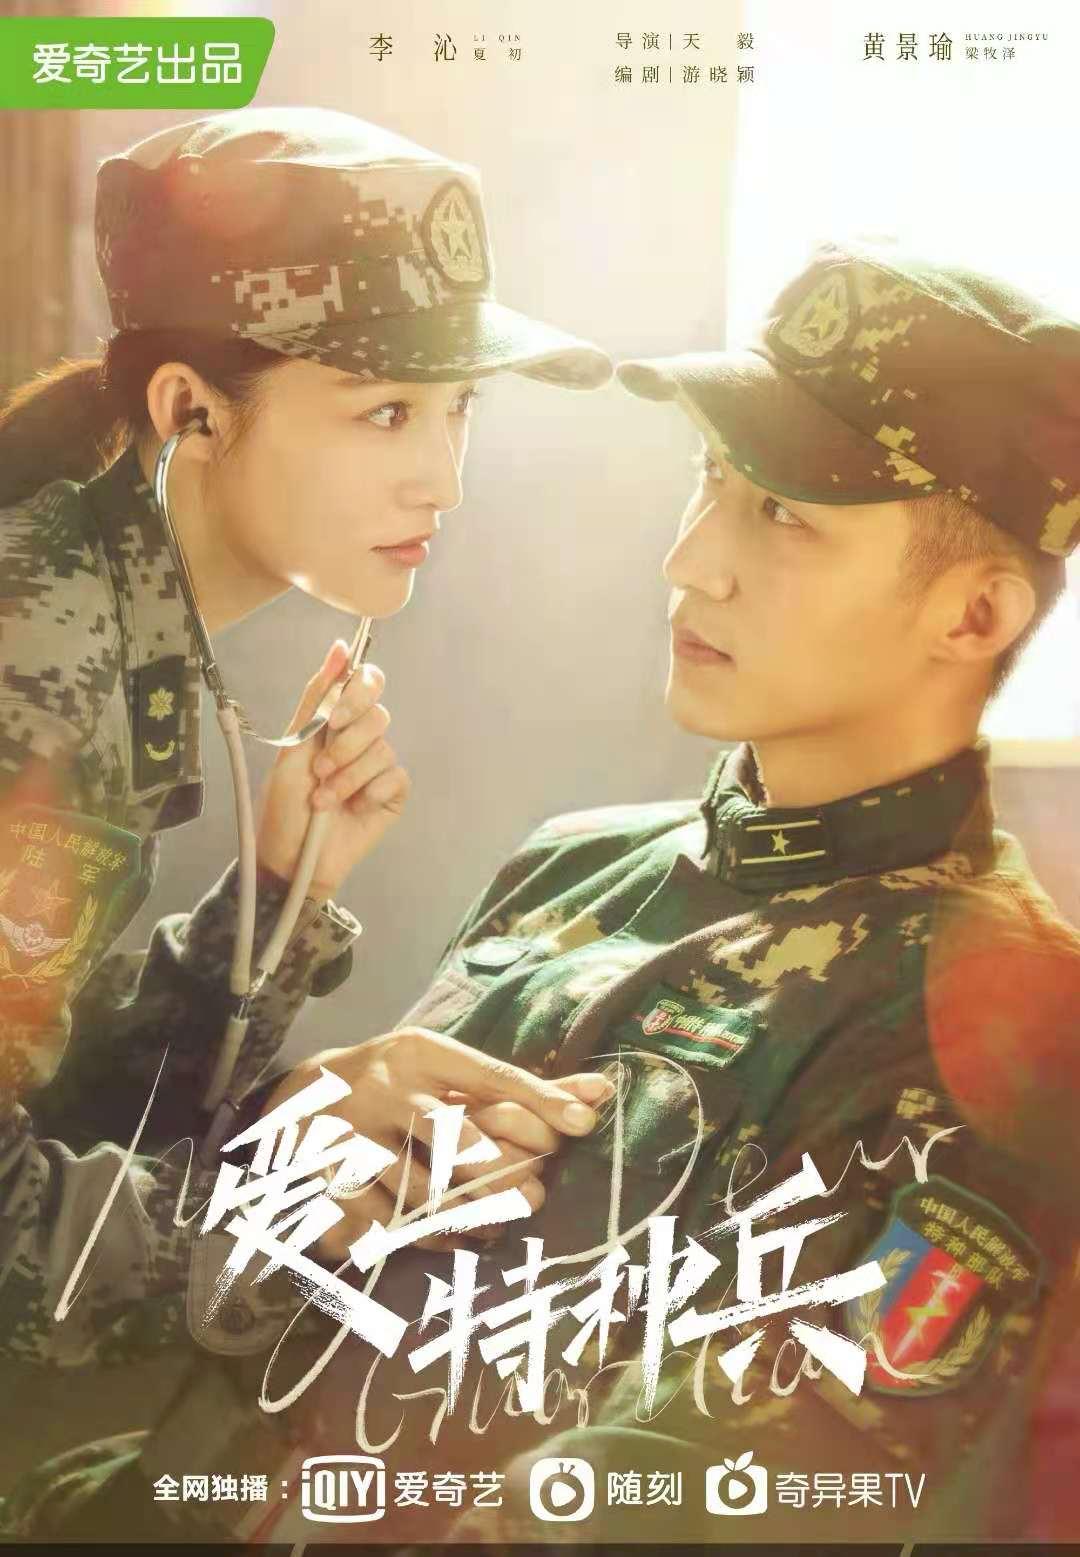 《爱上特种兵》今晚首播,李沁黄景瑜能行?原著梗太烂,恐怕要扑